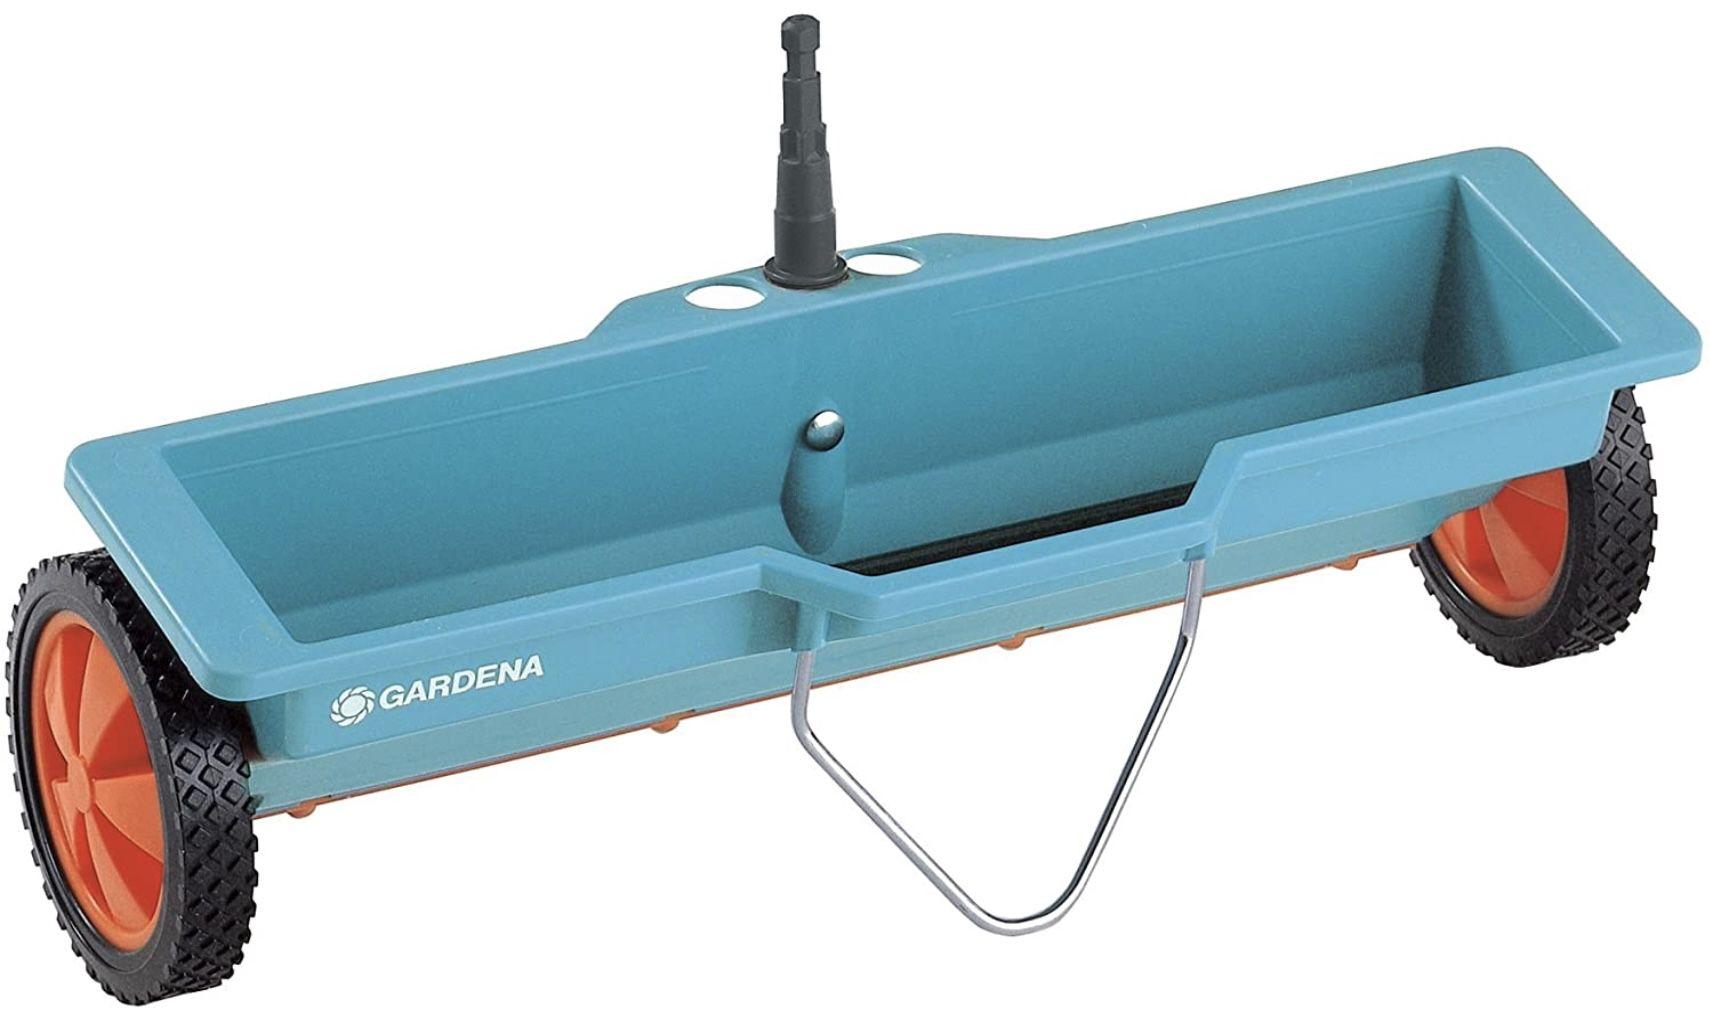 Gardena 420 20 Combisystem Streuwagen mit 40cm Streubreite für 20,28€ (statt 30,85€)   Prime